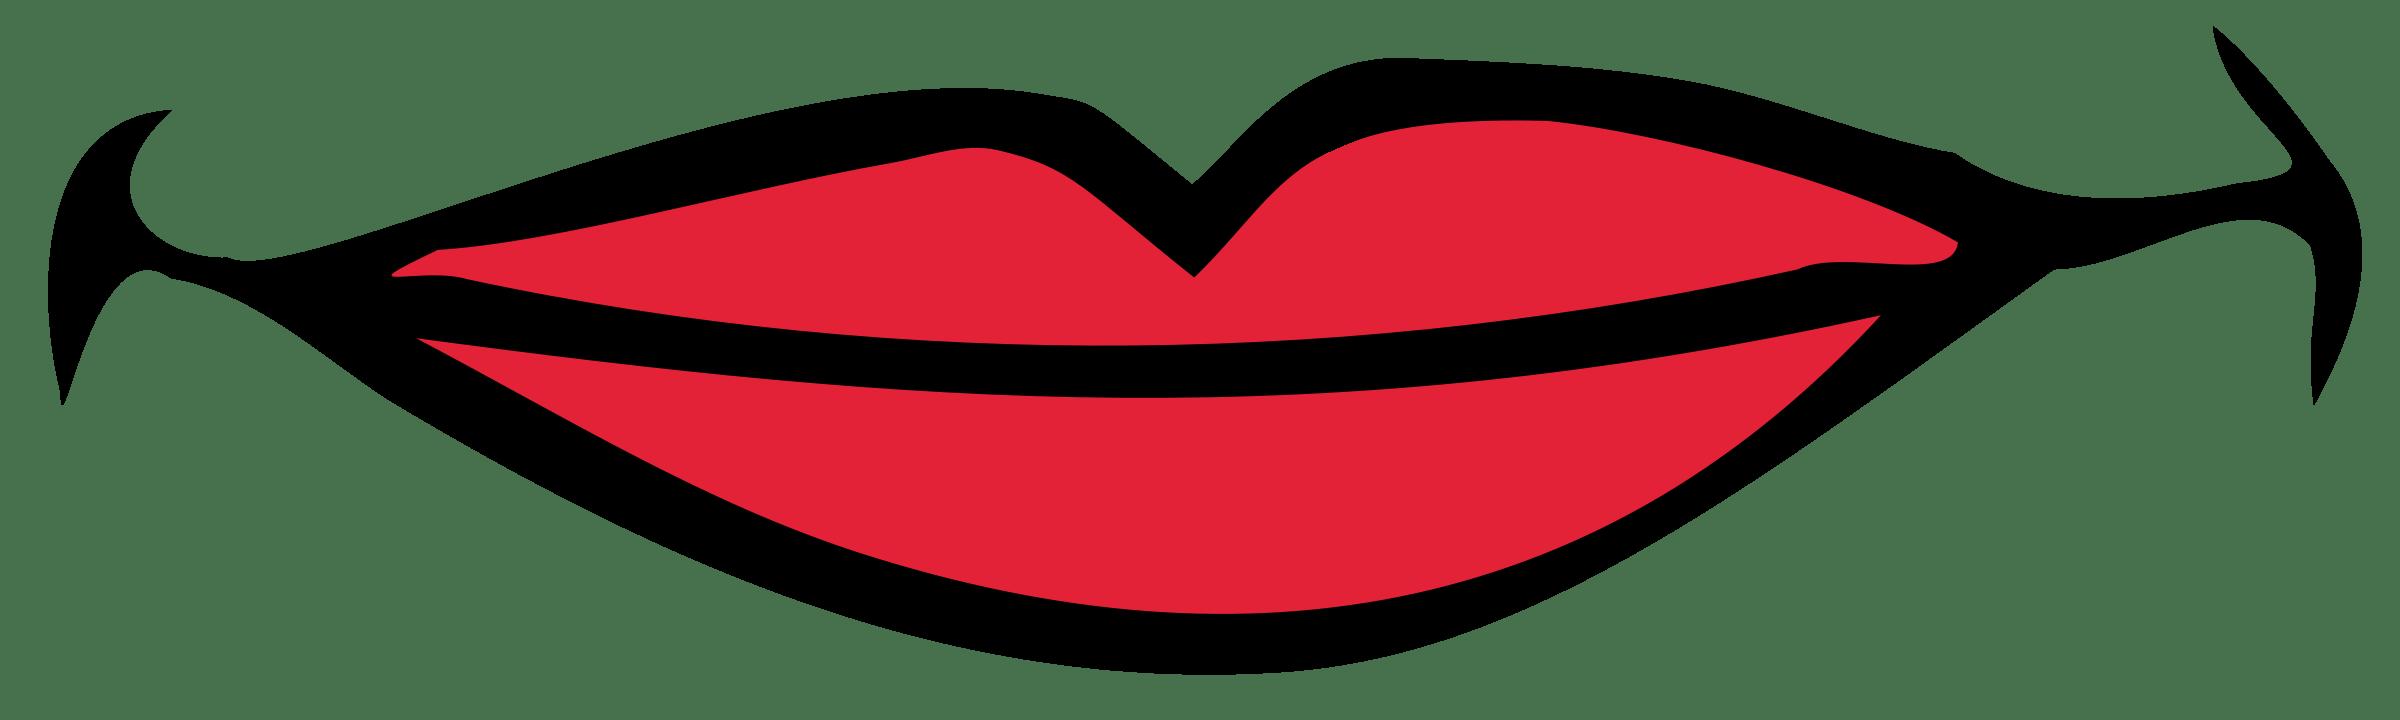 Clip art . Lips clipart quiet